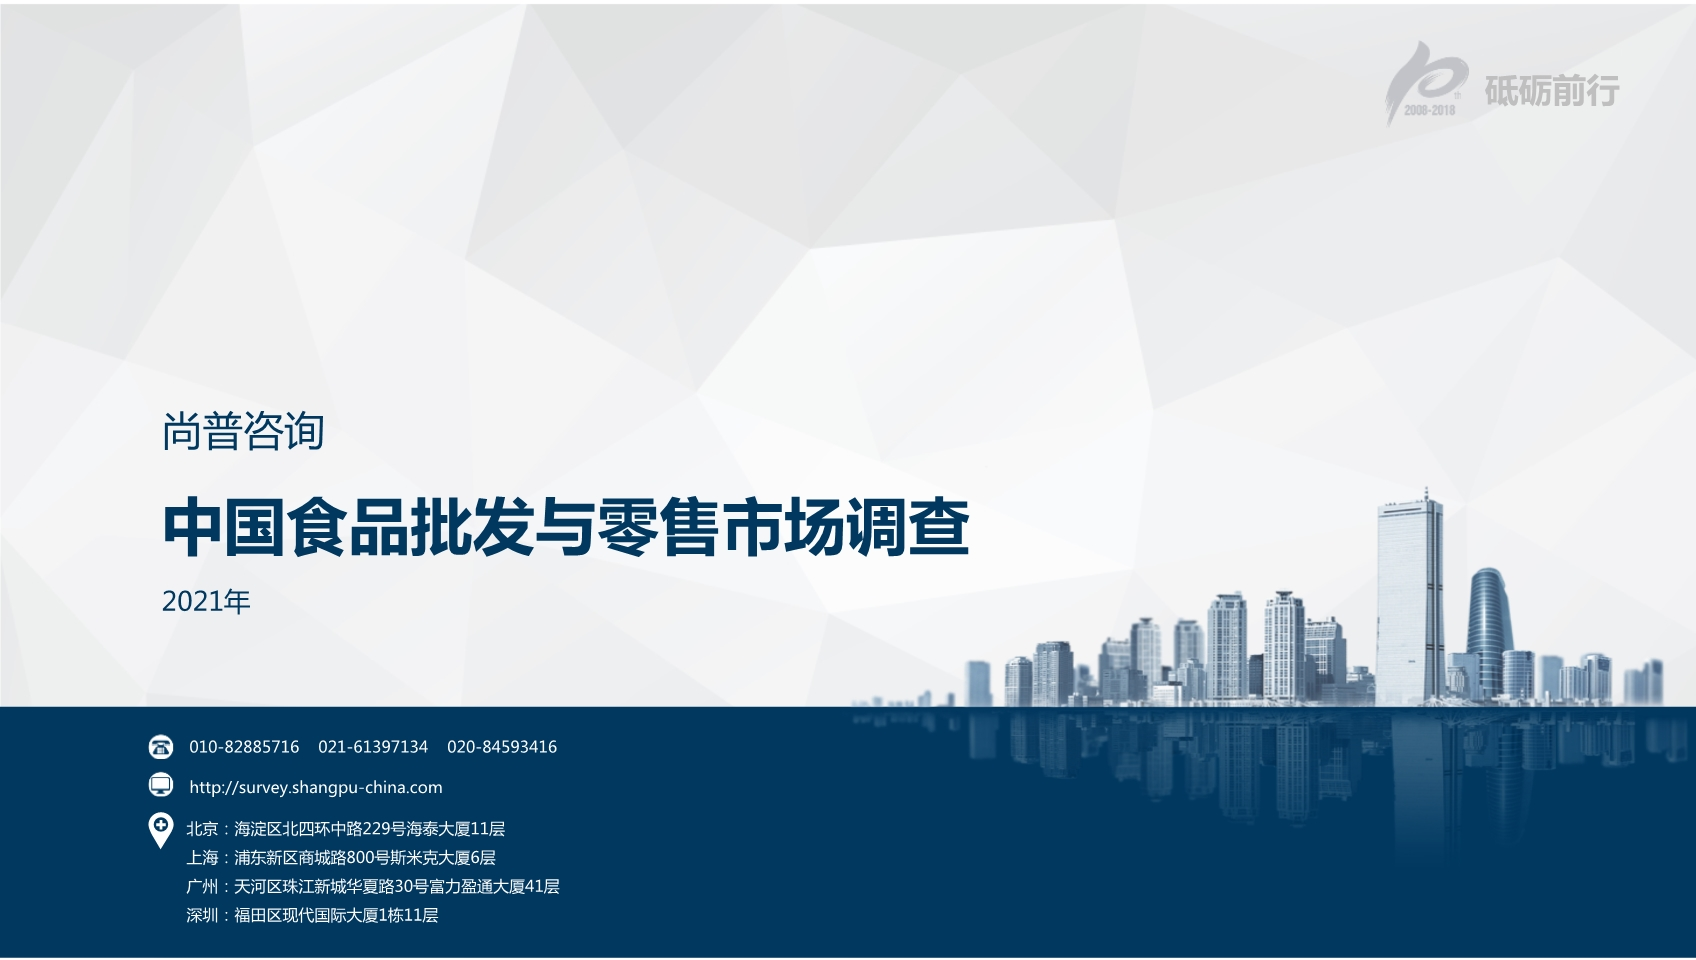 尚普咨询:2021年中国食品批发与零售市场调查